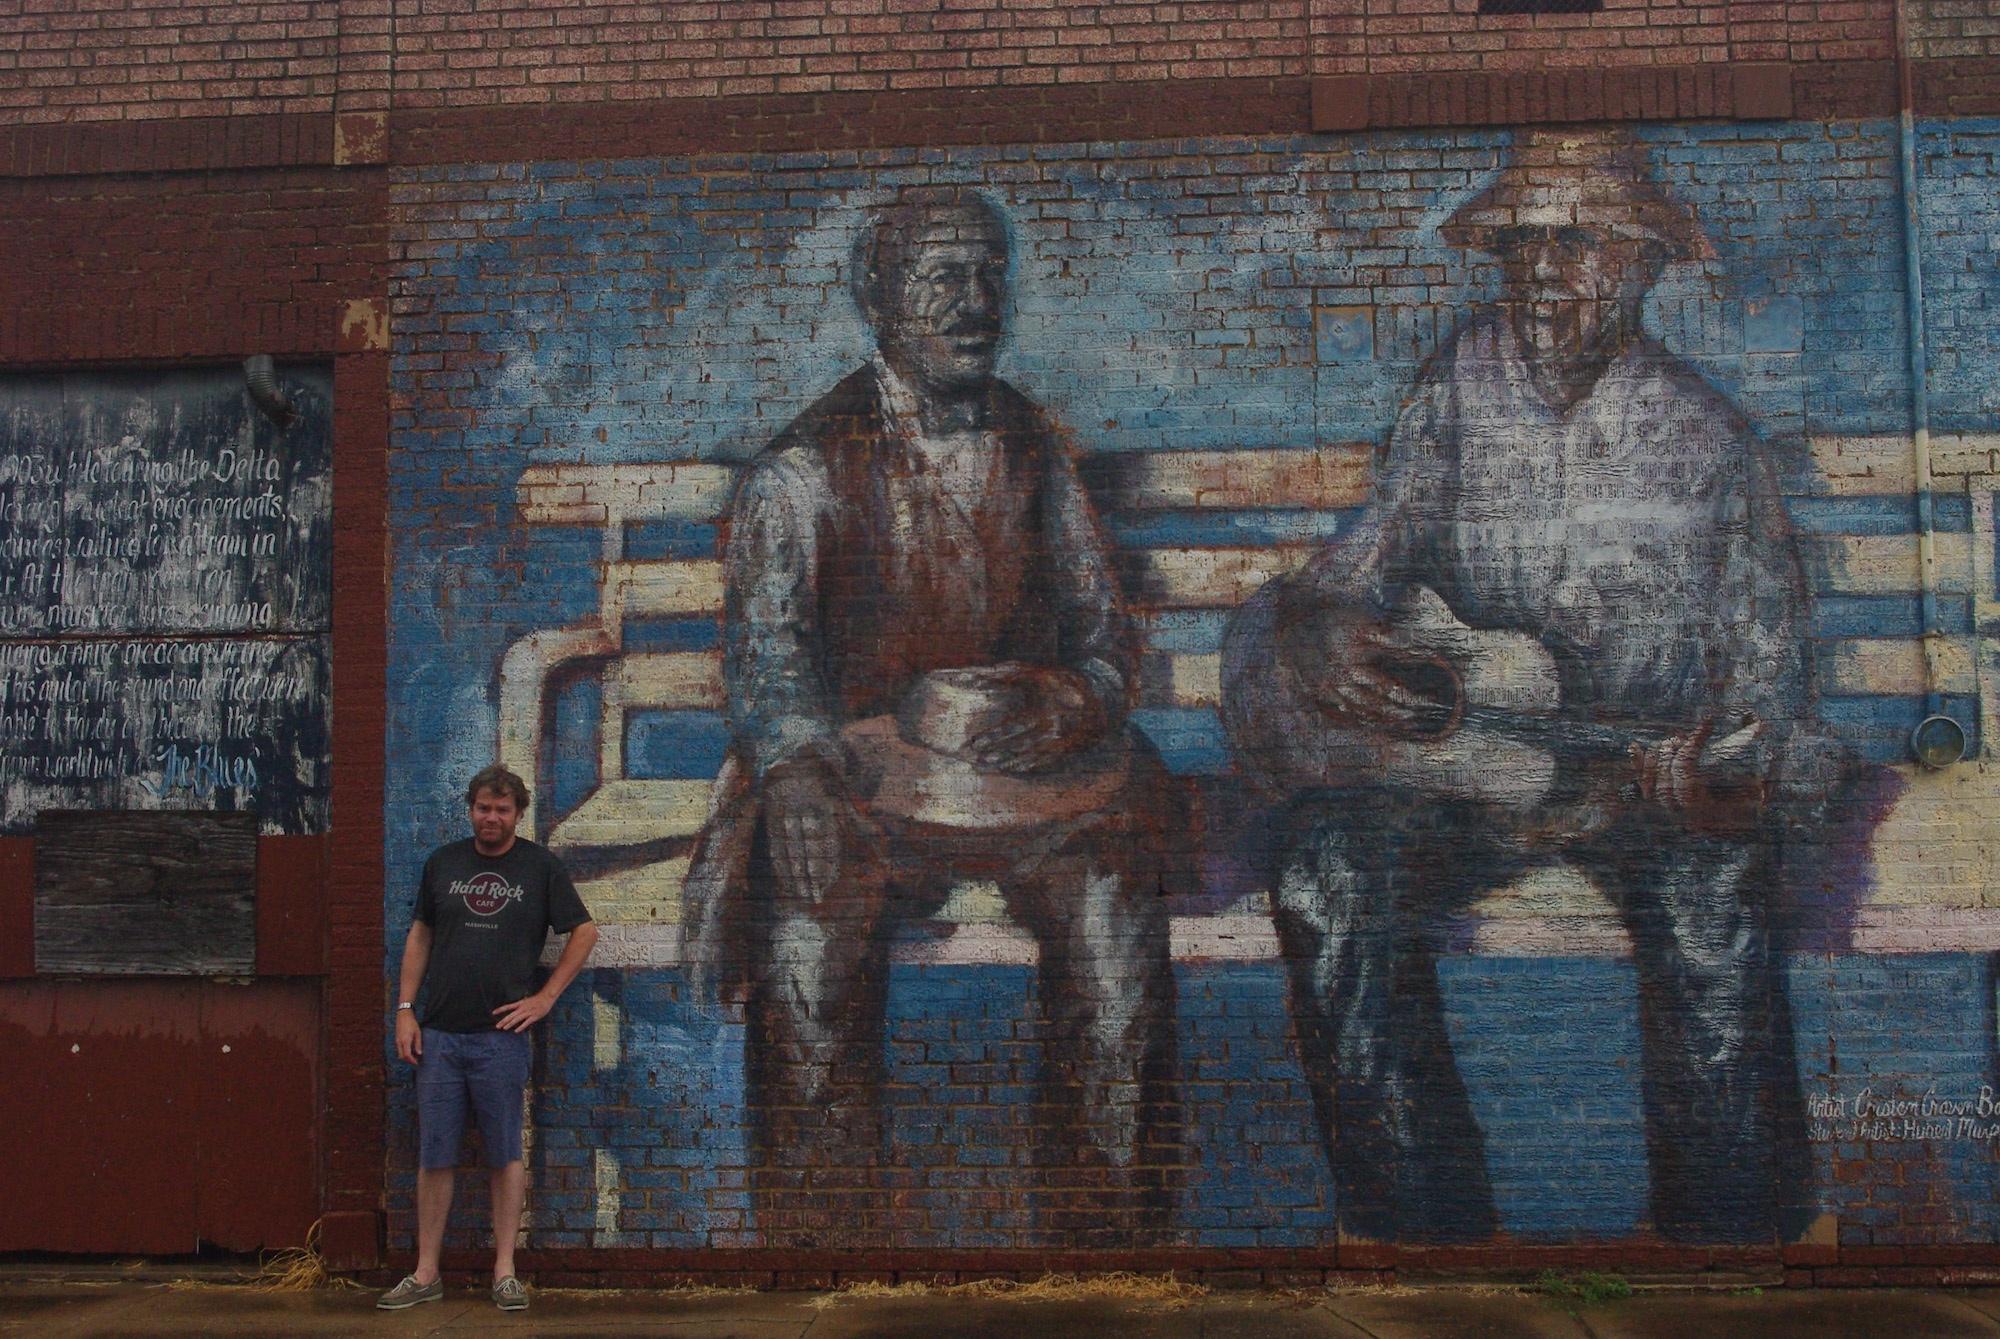 Peinture murale à Tutwiler représentant WC Handy et le musicien inconnu